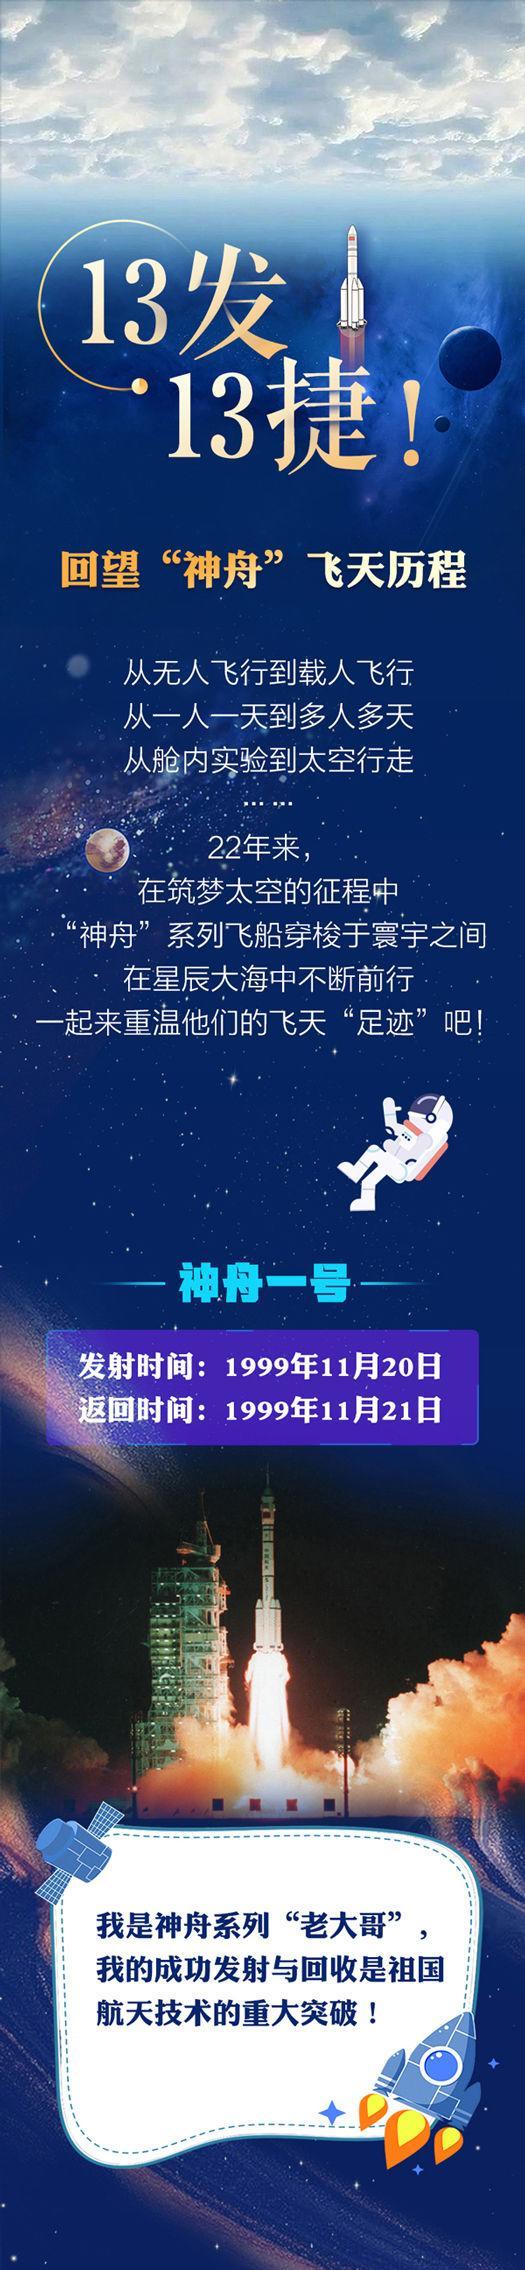 """13发13捷!回望""""神舟""""飞天历程"""